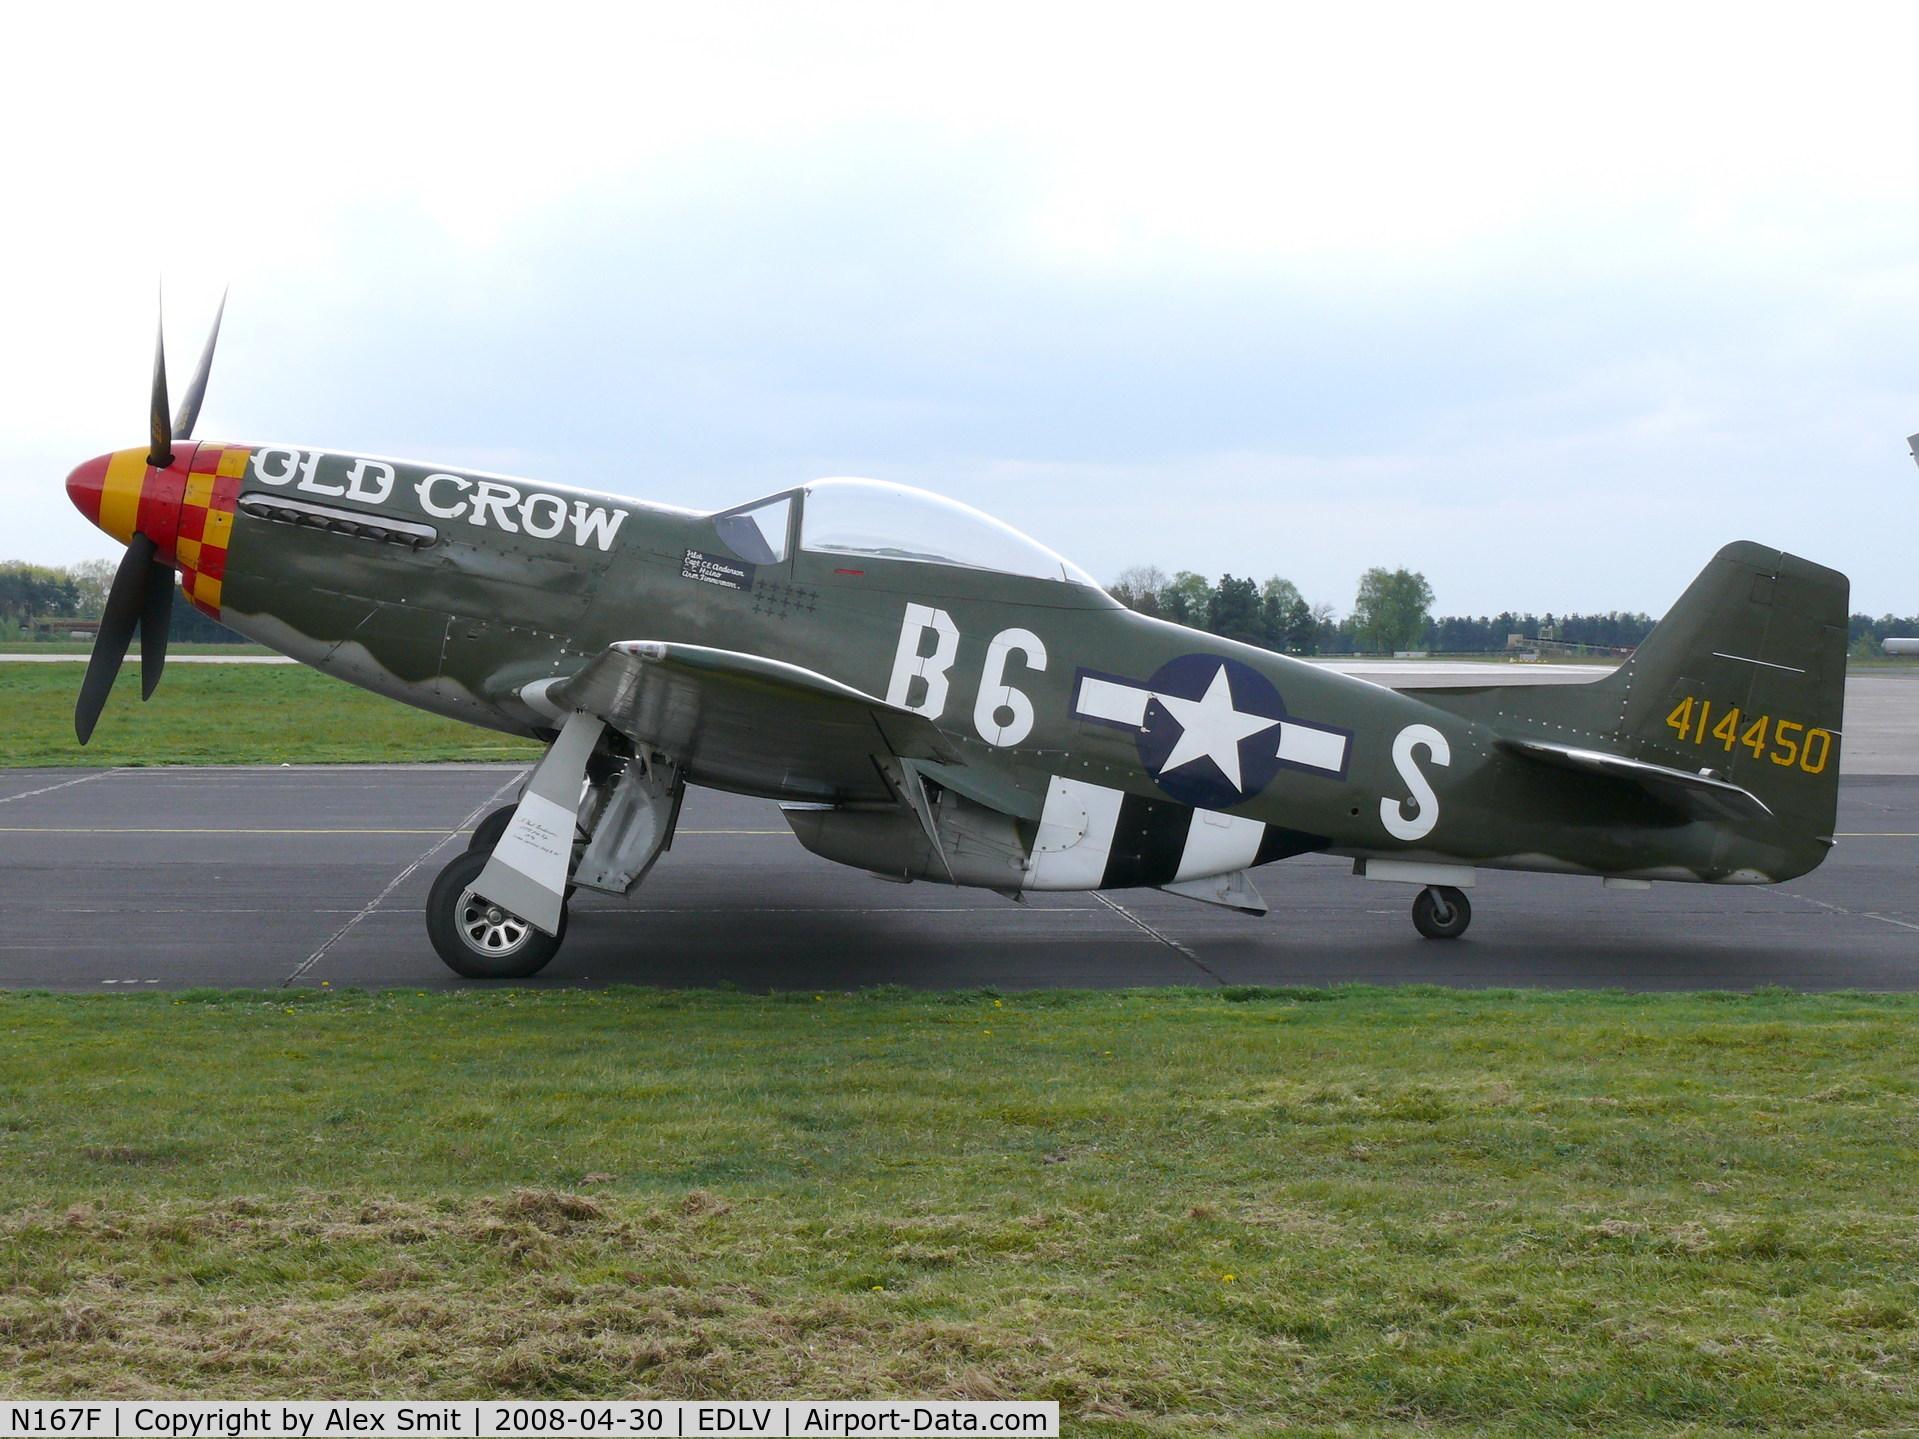 N167F, 1944 North American P-51D Mustang C/N 122-40417, North American P-51D Mustang N167F as US Air Force 44-14450/B6-S/Old Crow